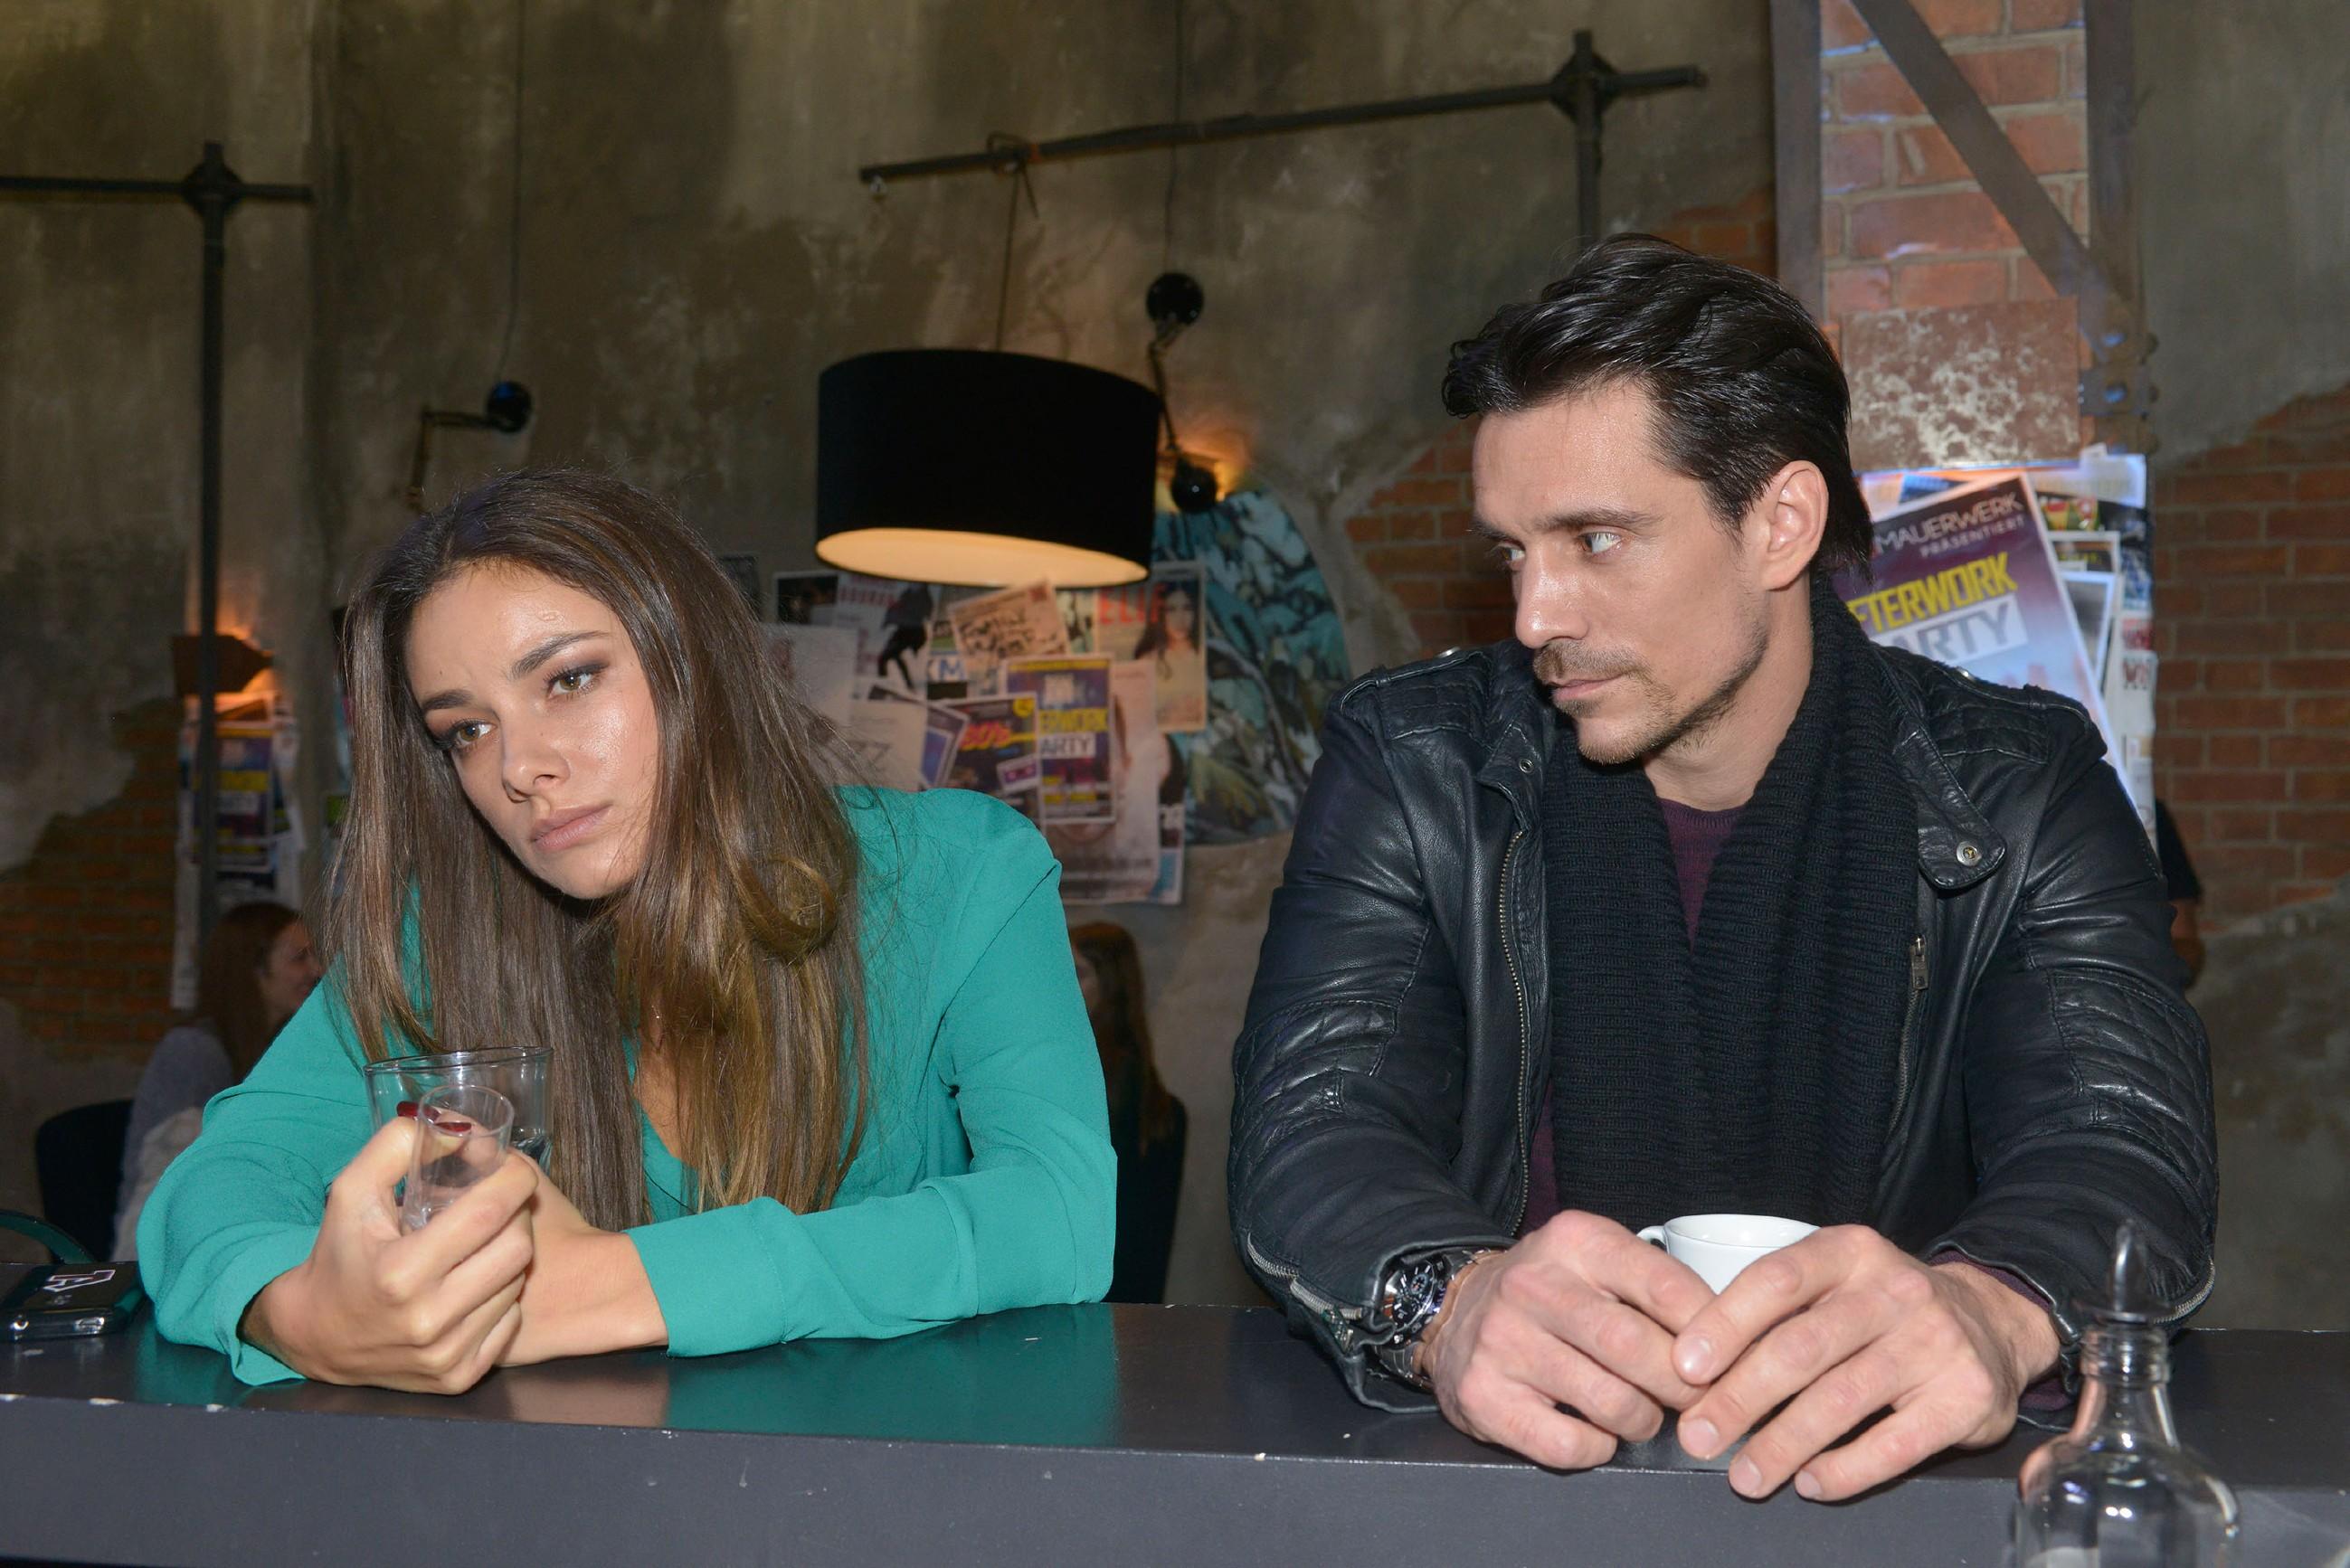 Als David (Philipp Christopher) mitbekommt, dass Jasmin (Janina Uhse) ihren Kummer in Alkohol ertränkt hat, will er die Gelegenheit nutzen, um mehr Details über das dunkle Familiengeheimnis in Erfahrung zu bringen... (Quelle: RTL / Rolf Baumgartner)